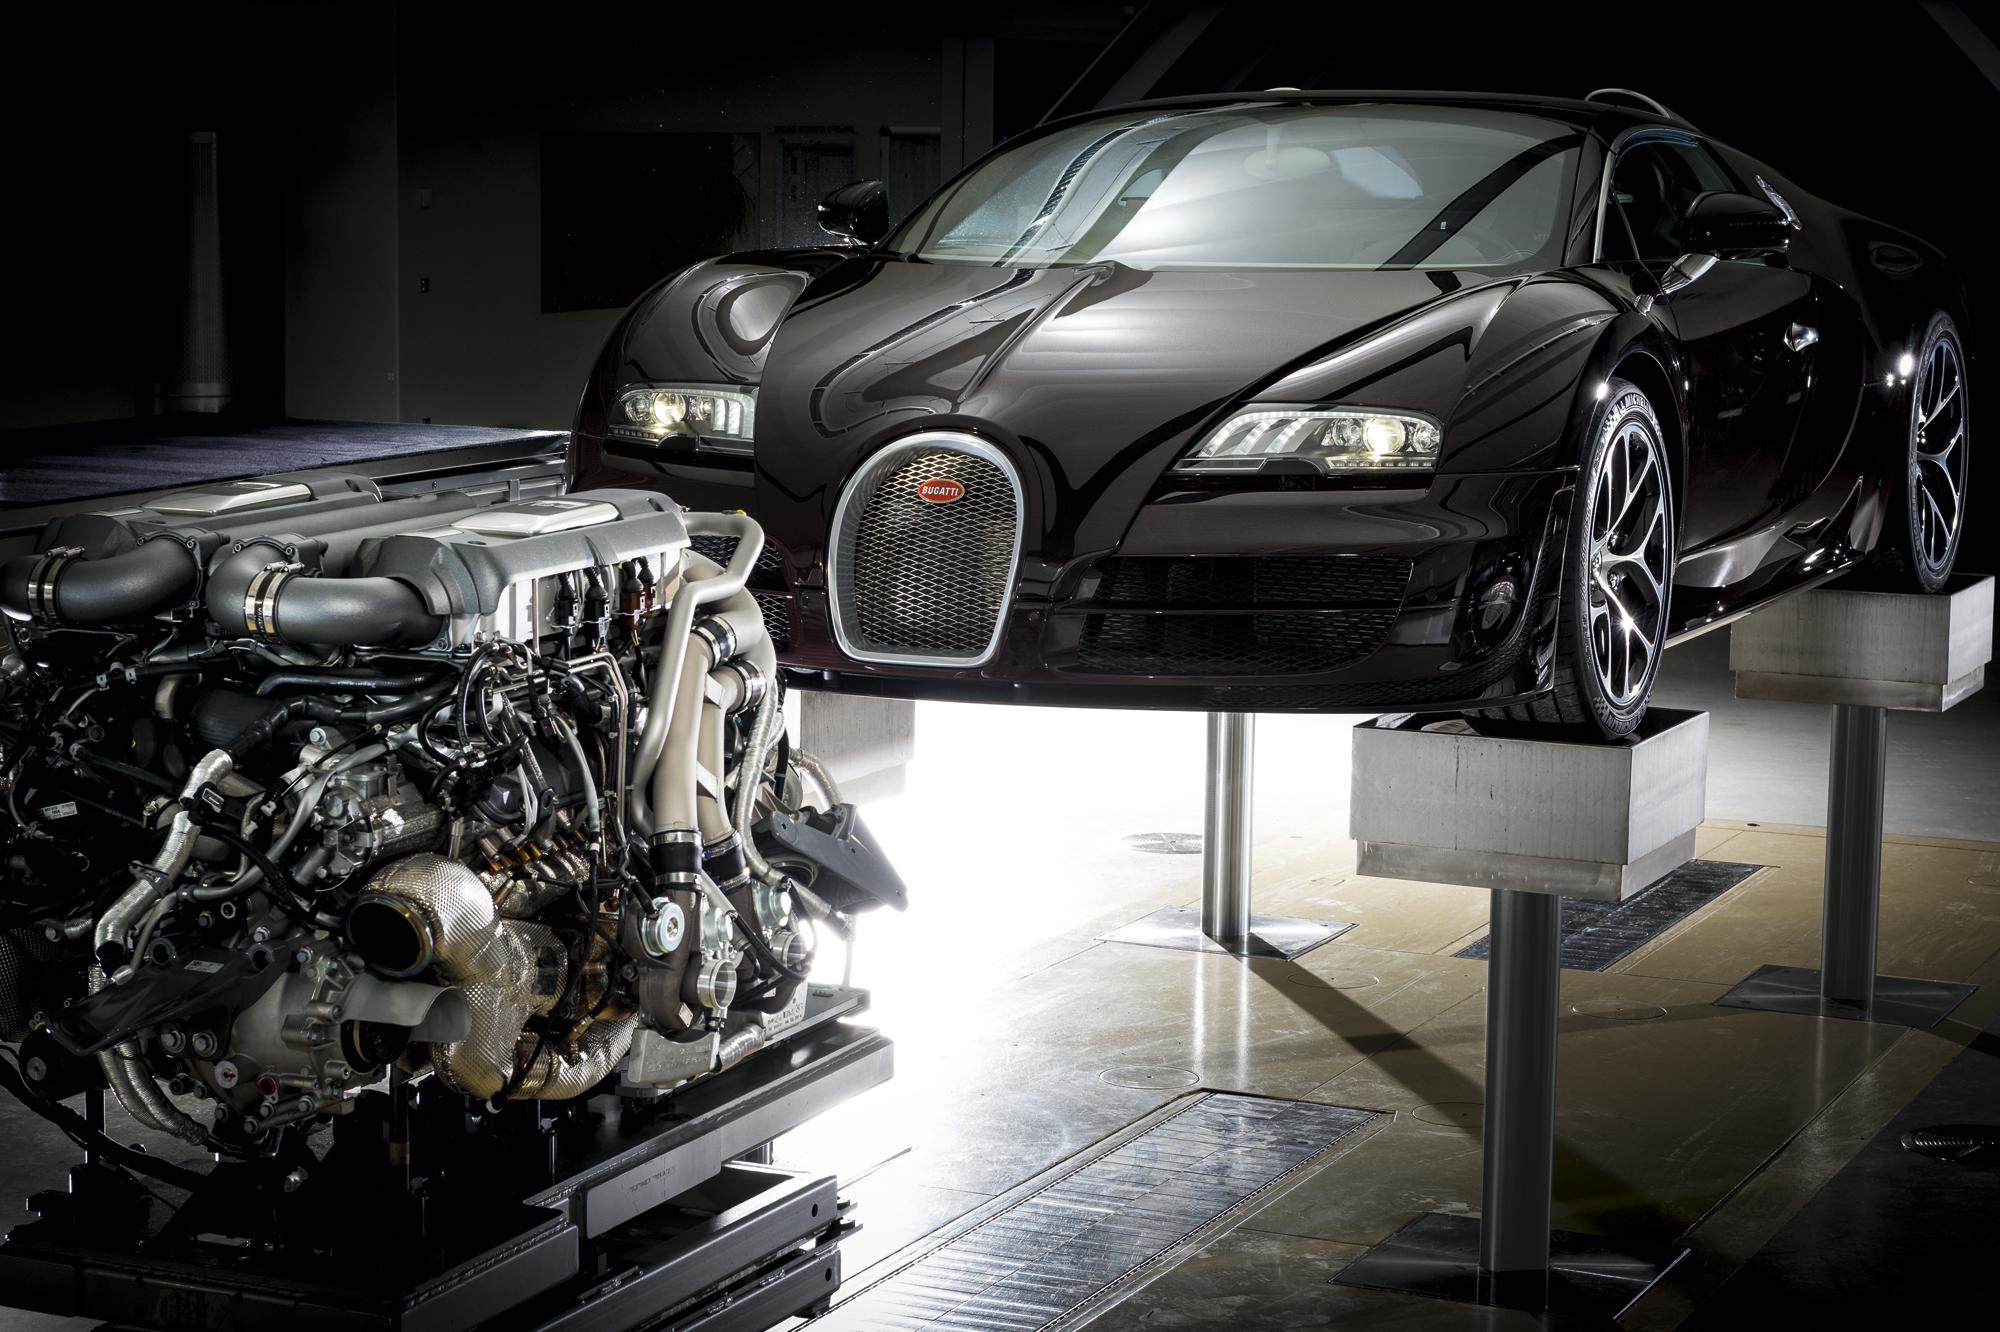 bugatti veyron 16 4 la voiture la plus rapide et la plus. Black Bedroom Furniture Sets. Home Design Ideas